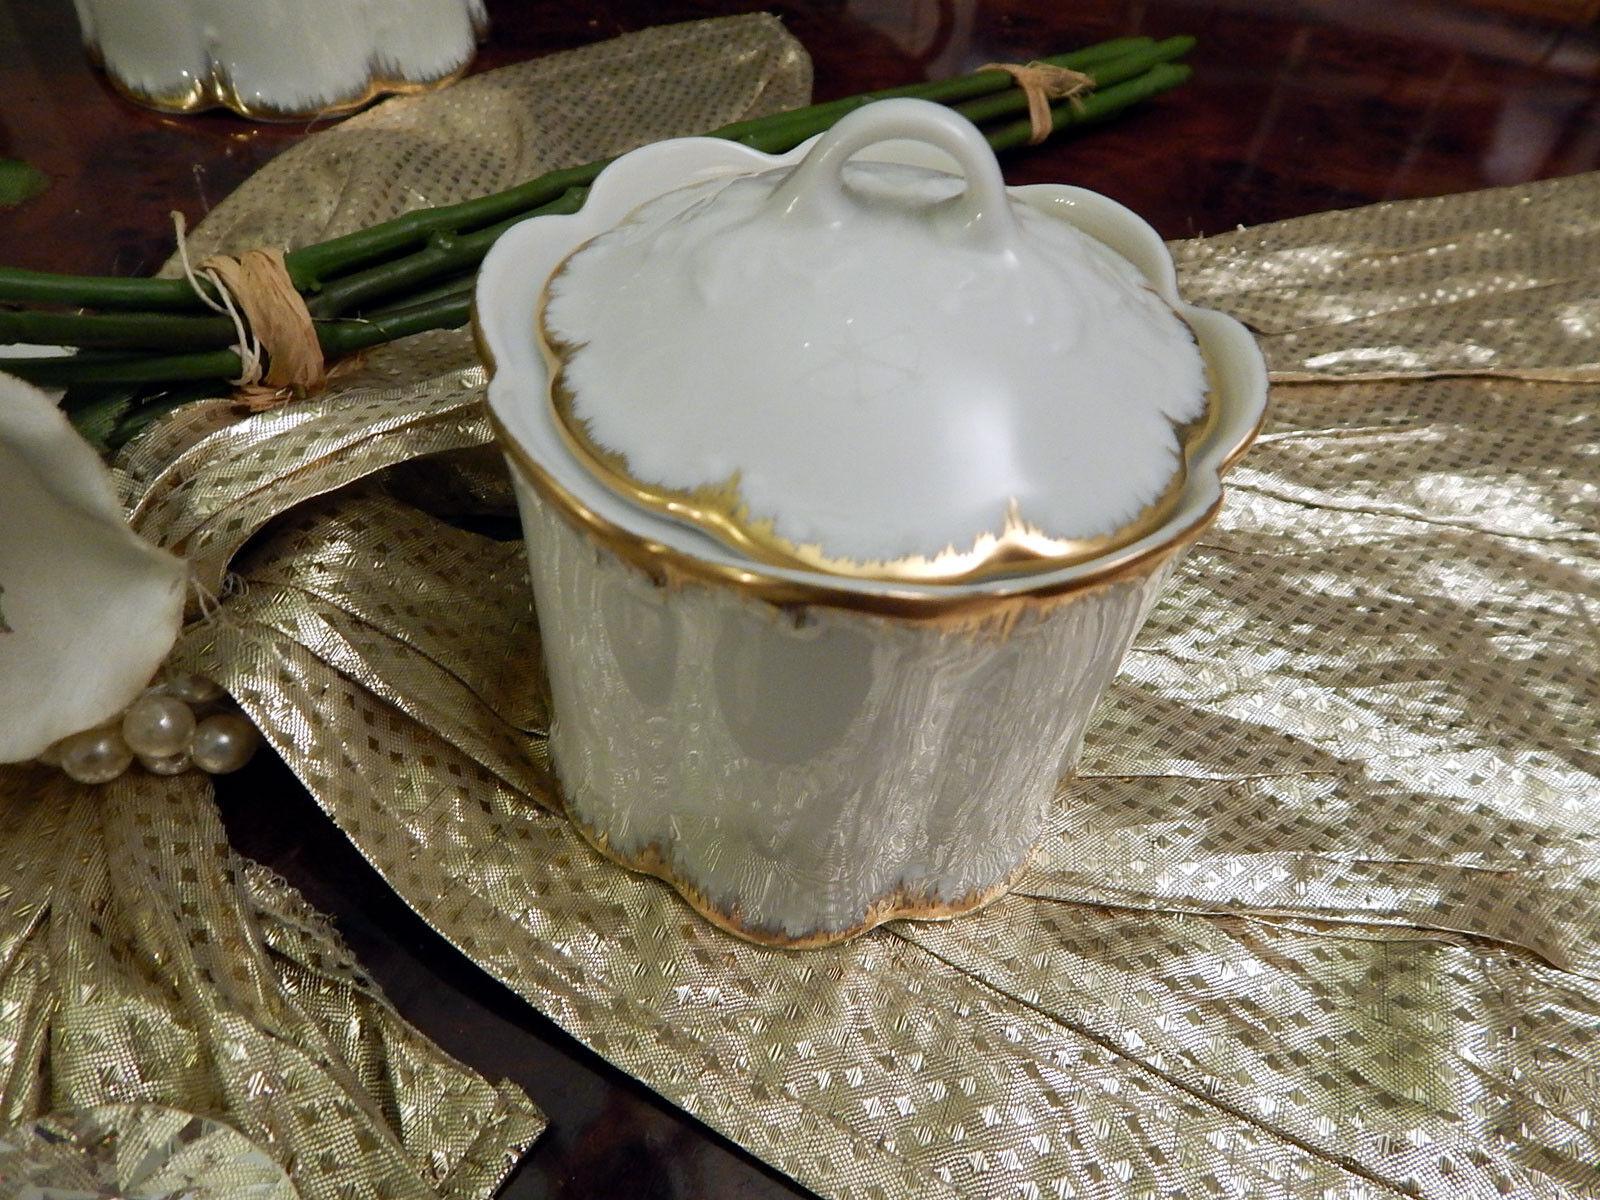 Edles Kaffeeservice Rosanthal Mon Bijou Bijou Bijou Rambouillet 23-teilig neuwertig top 50201b